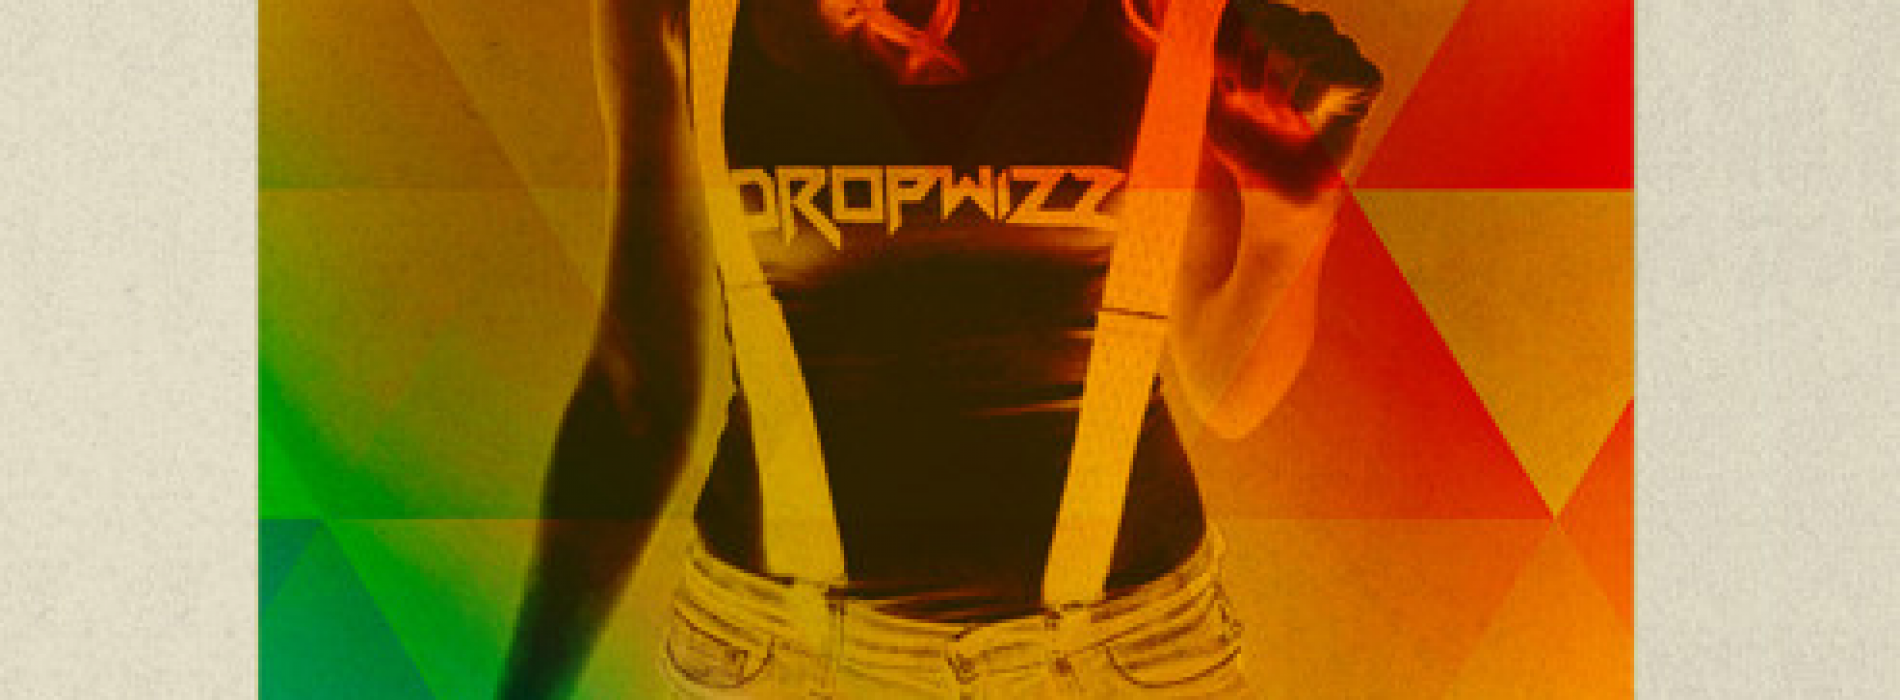 Dropwizz – Kaskade Ft Ilsey : Disarm You ('Future Trap' Remix)